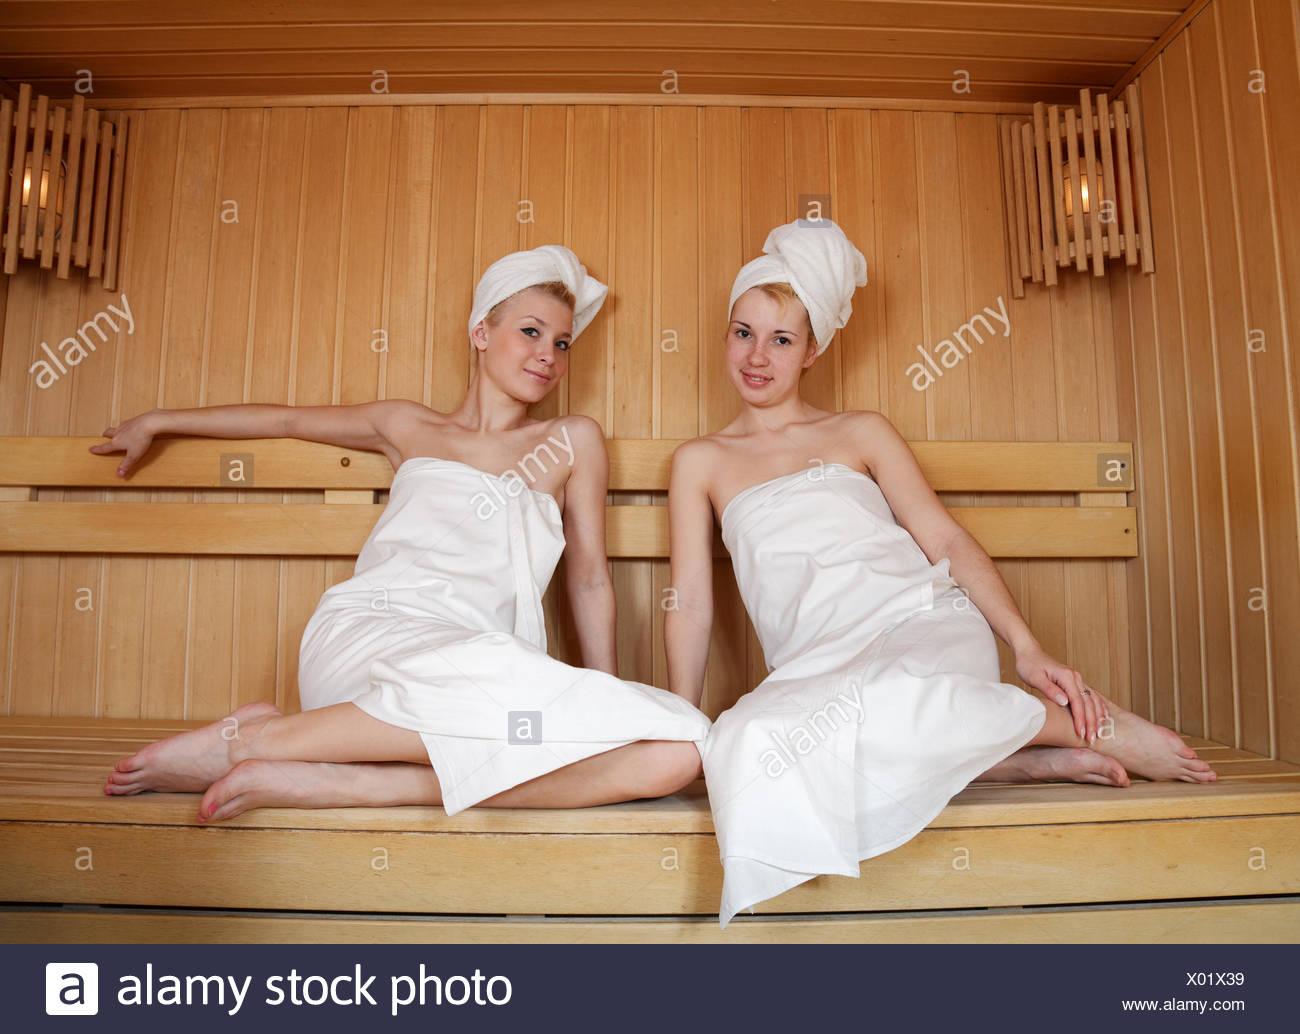 Sauna - Stock Image